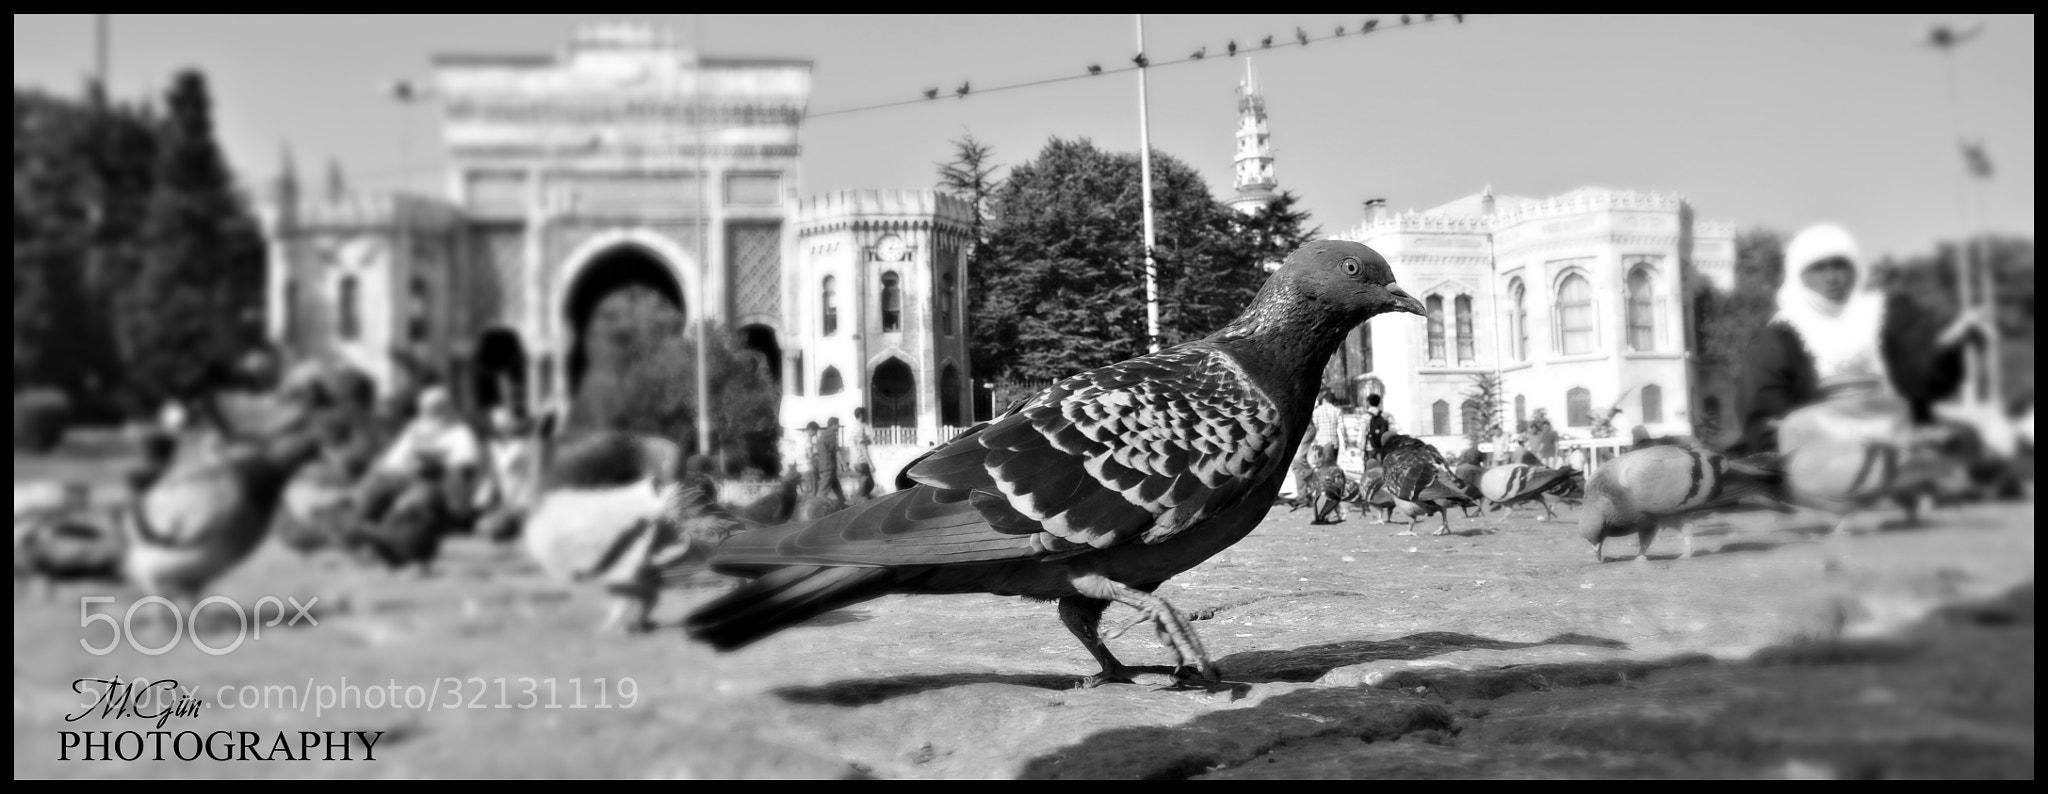 Photograph Beyazıt Meydanı by Melih Gün on 500px